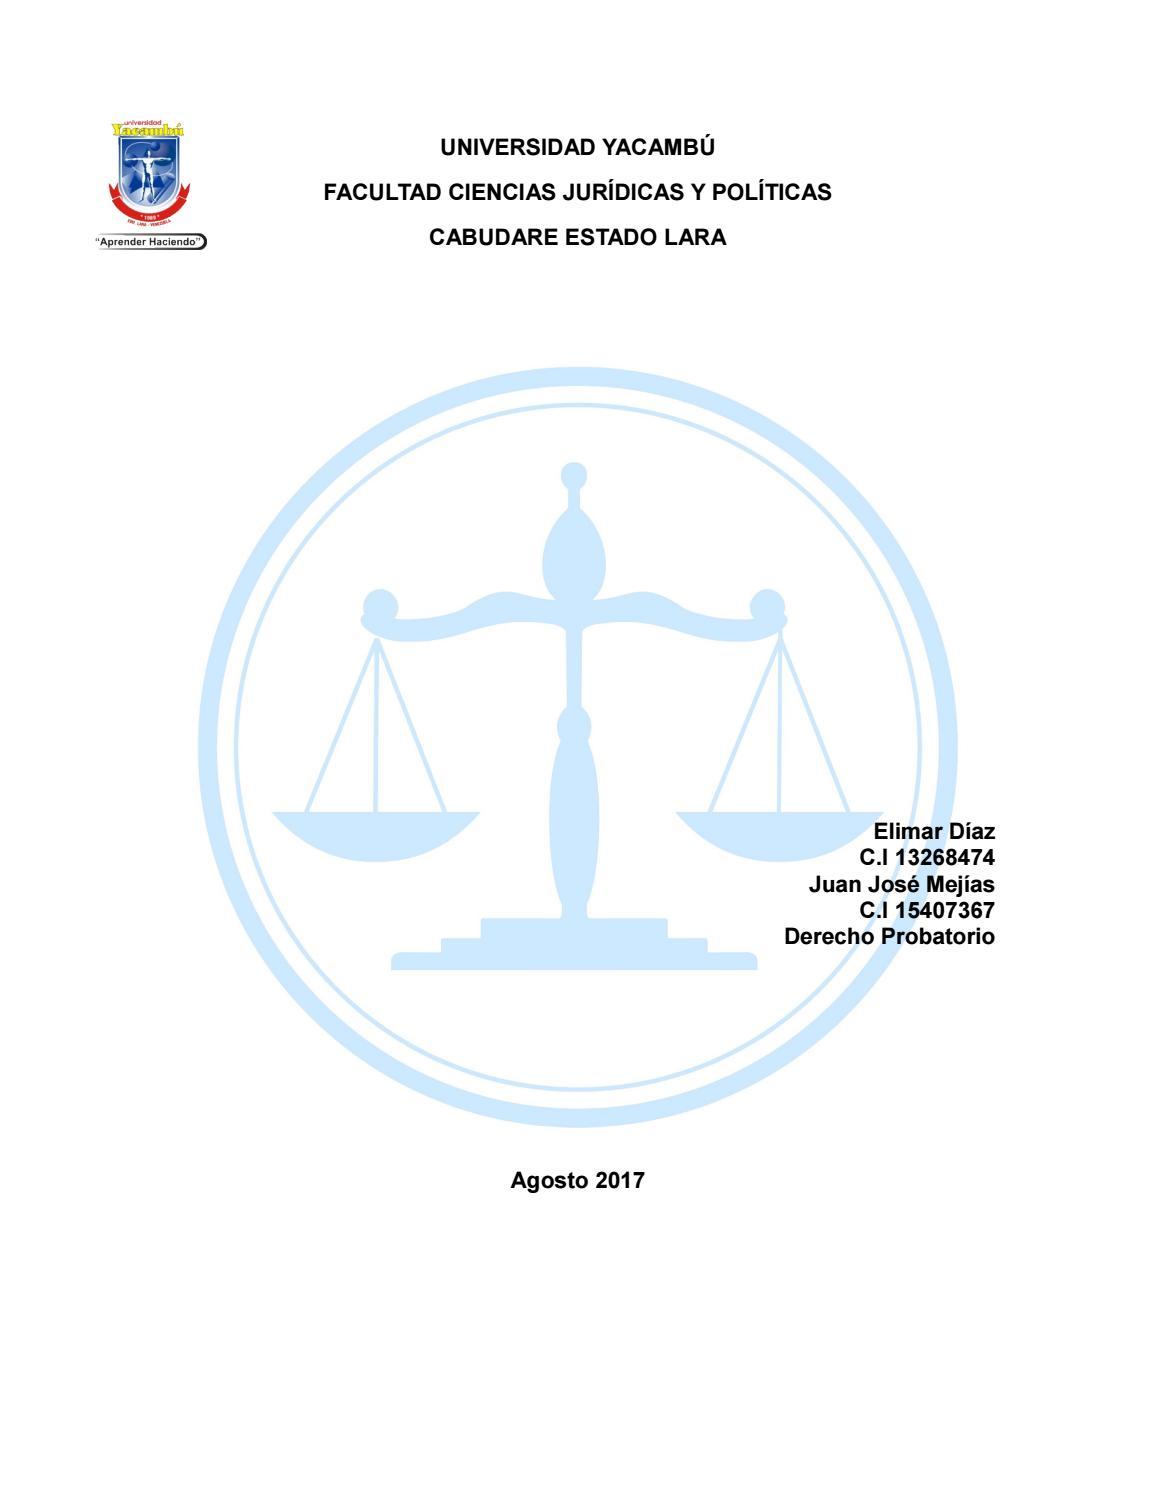 Prueba de testigo, experticia e inspeccion by marcela - issuu